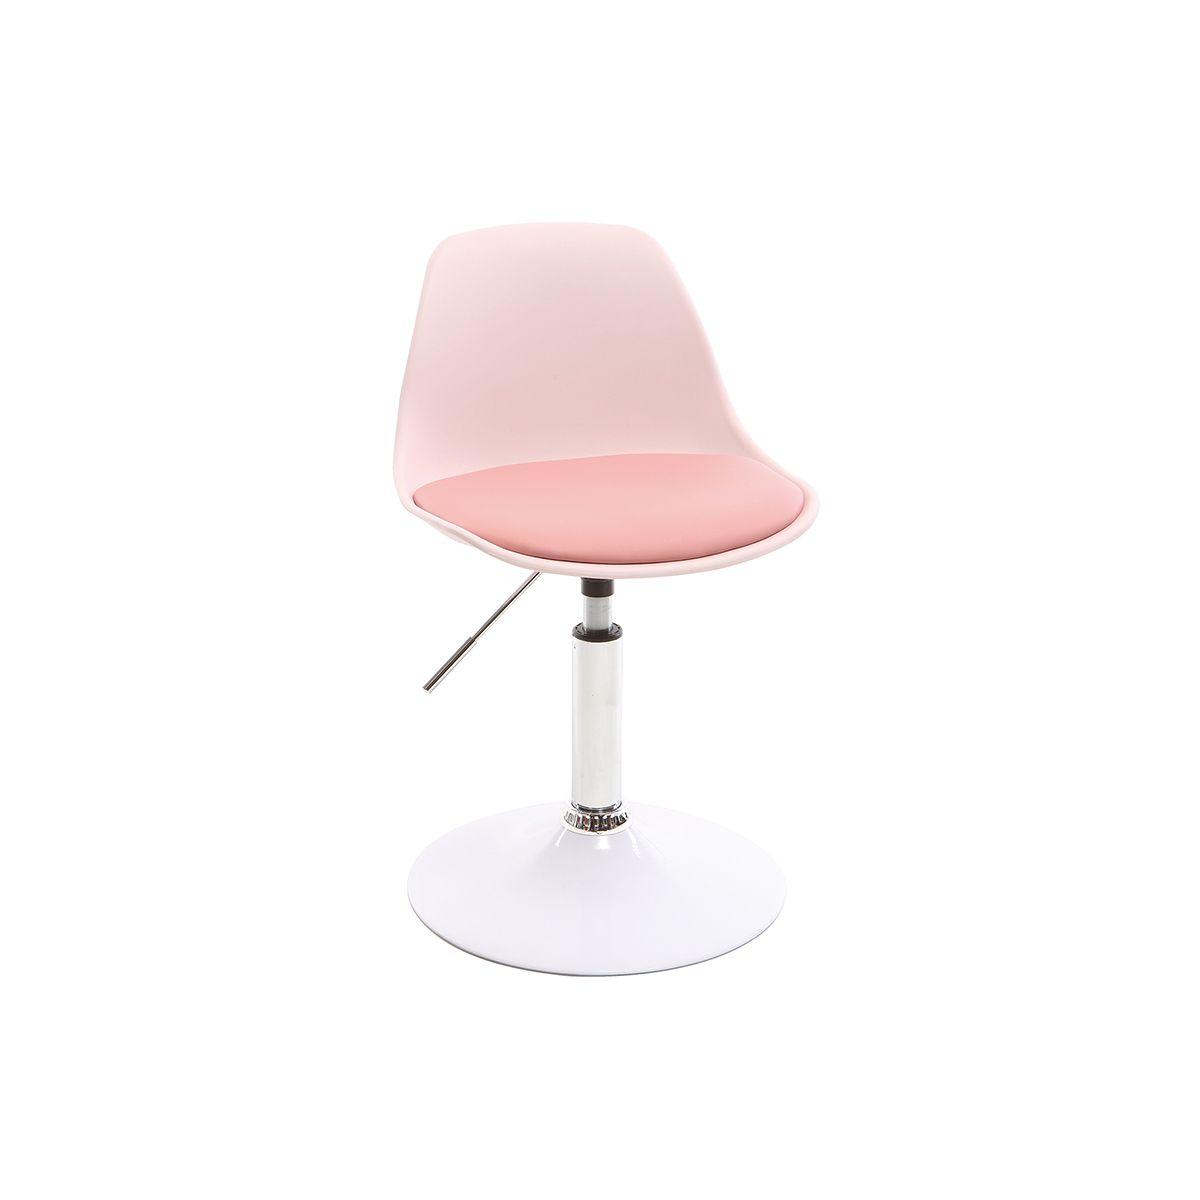 Sedia da ufficio design per bambino rosa STEEVY Offerte e sconti